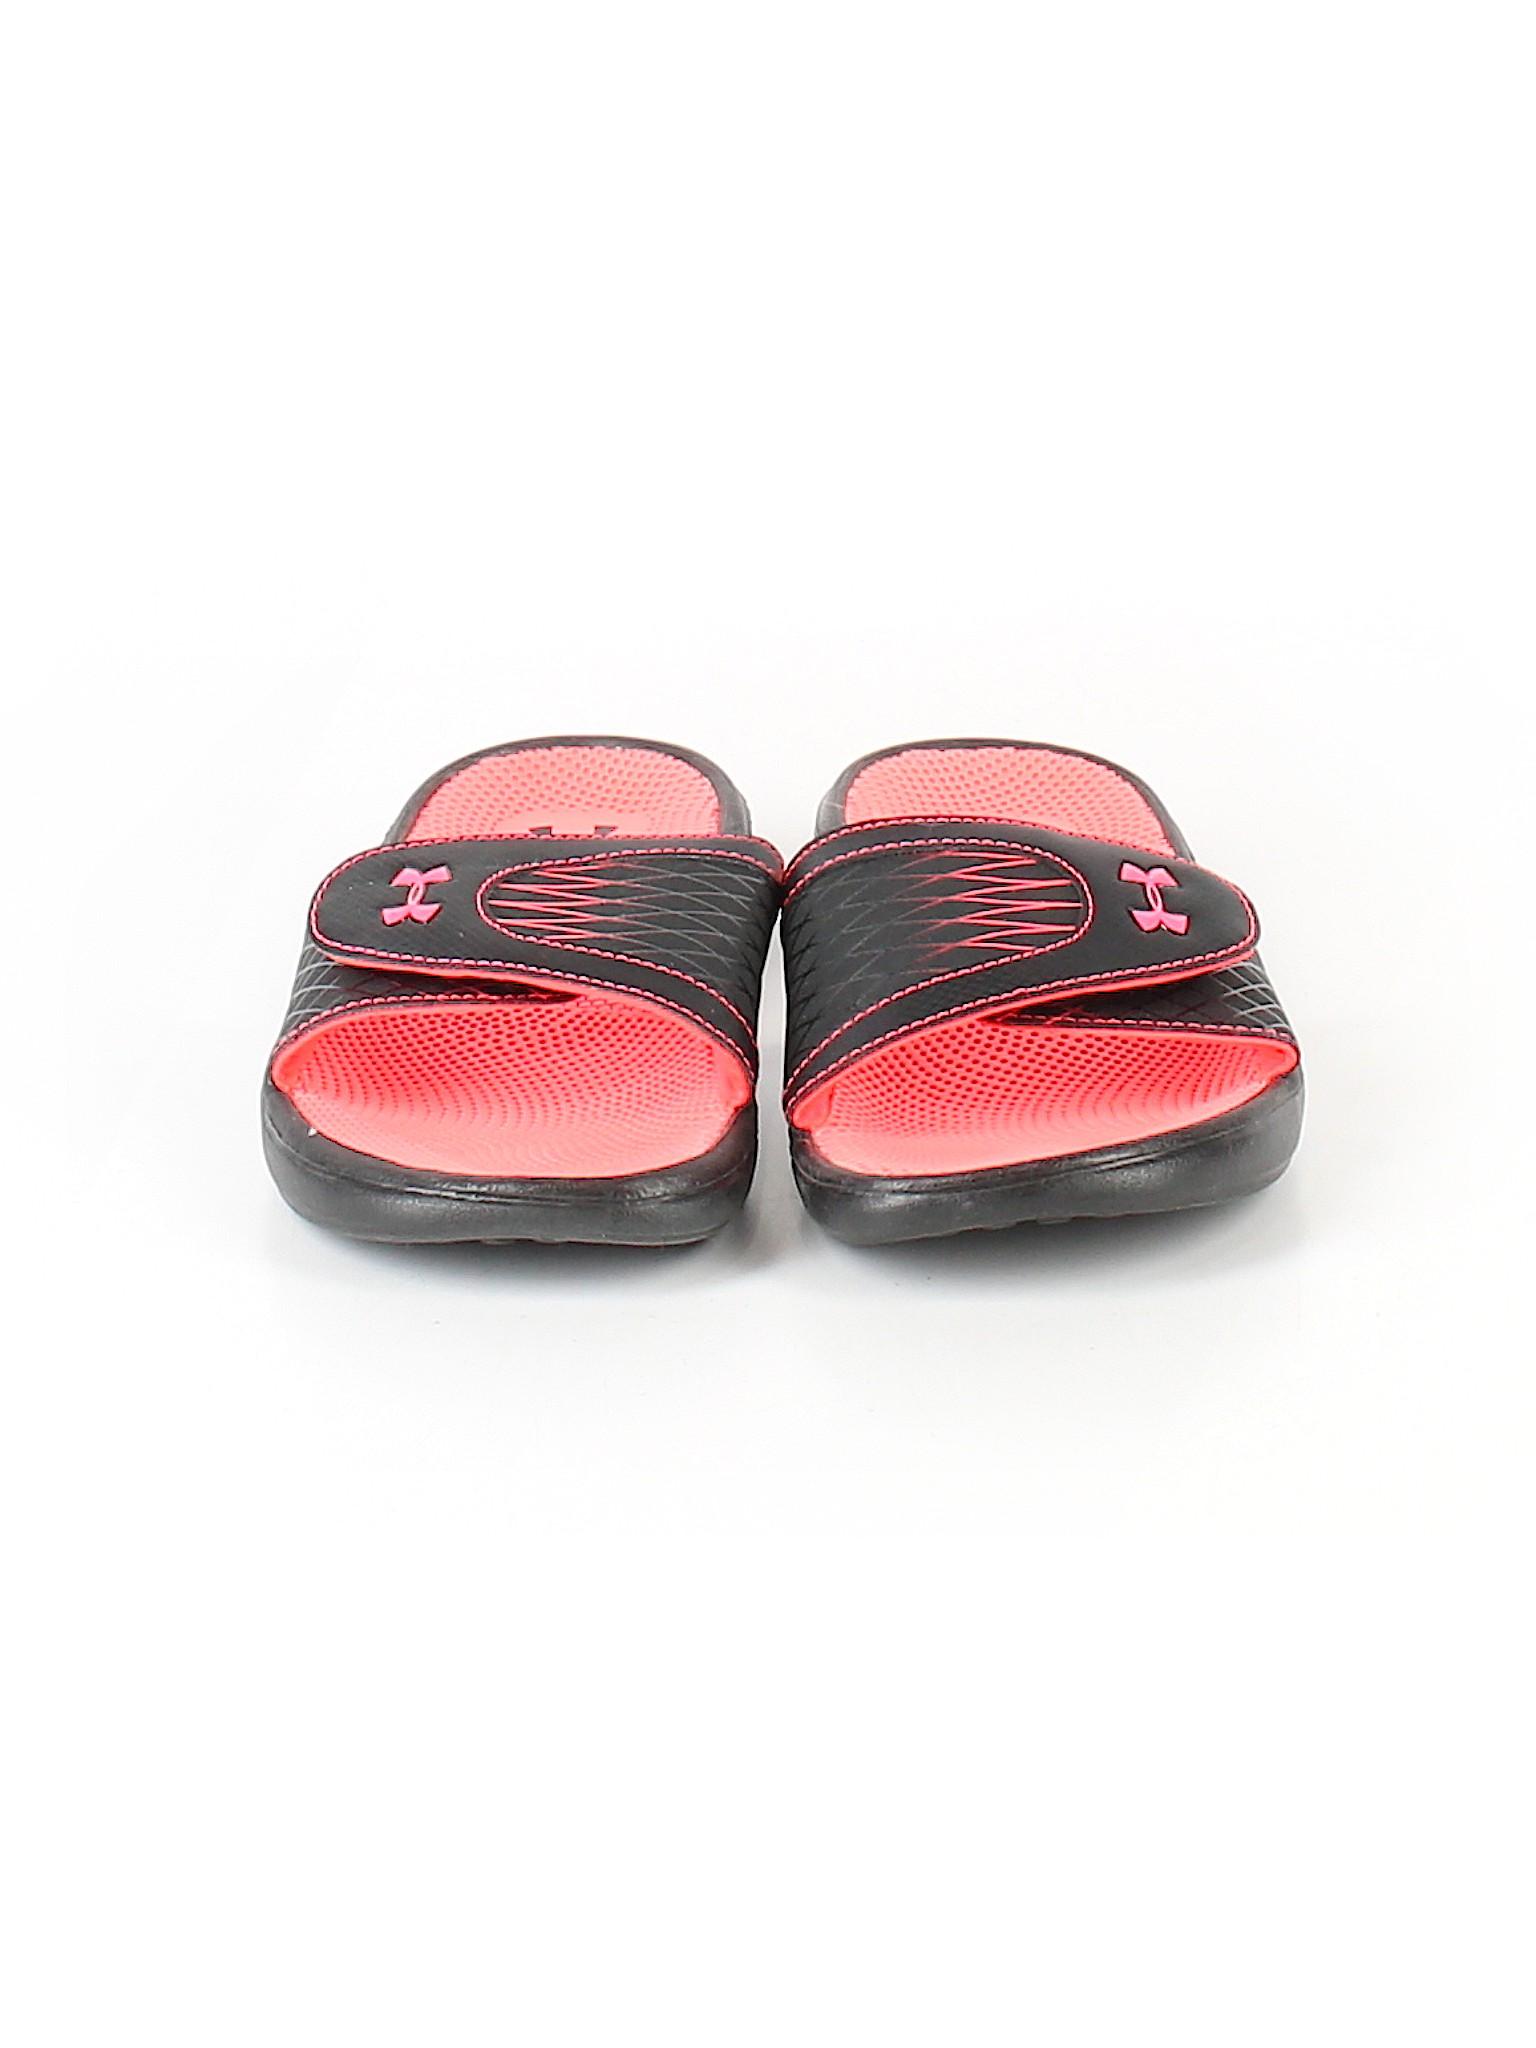 Boutique Sandals promotion Sandals Armour Armour Boutique Under promotion Boutique Under promotion wXpqIdX